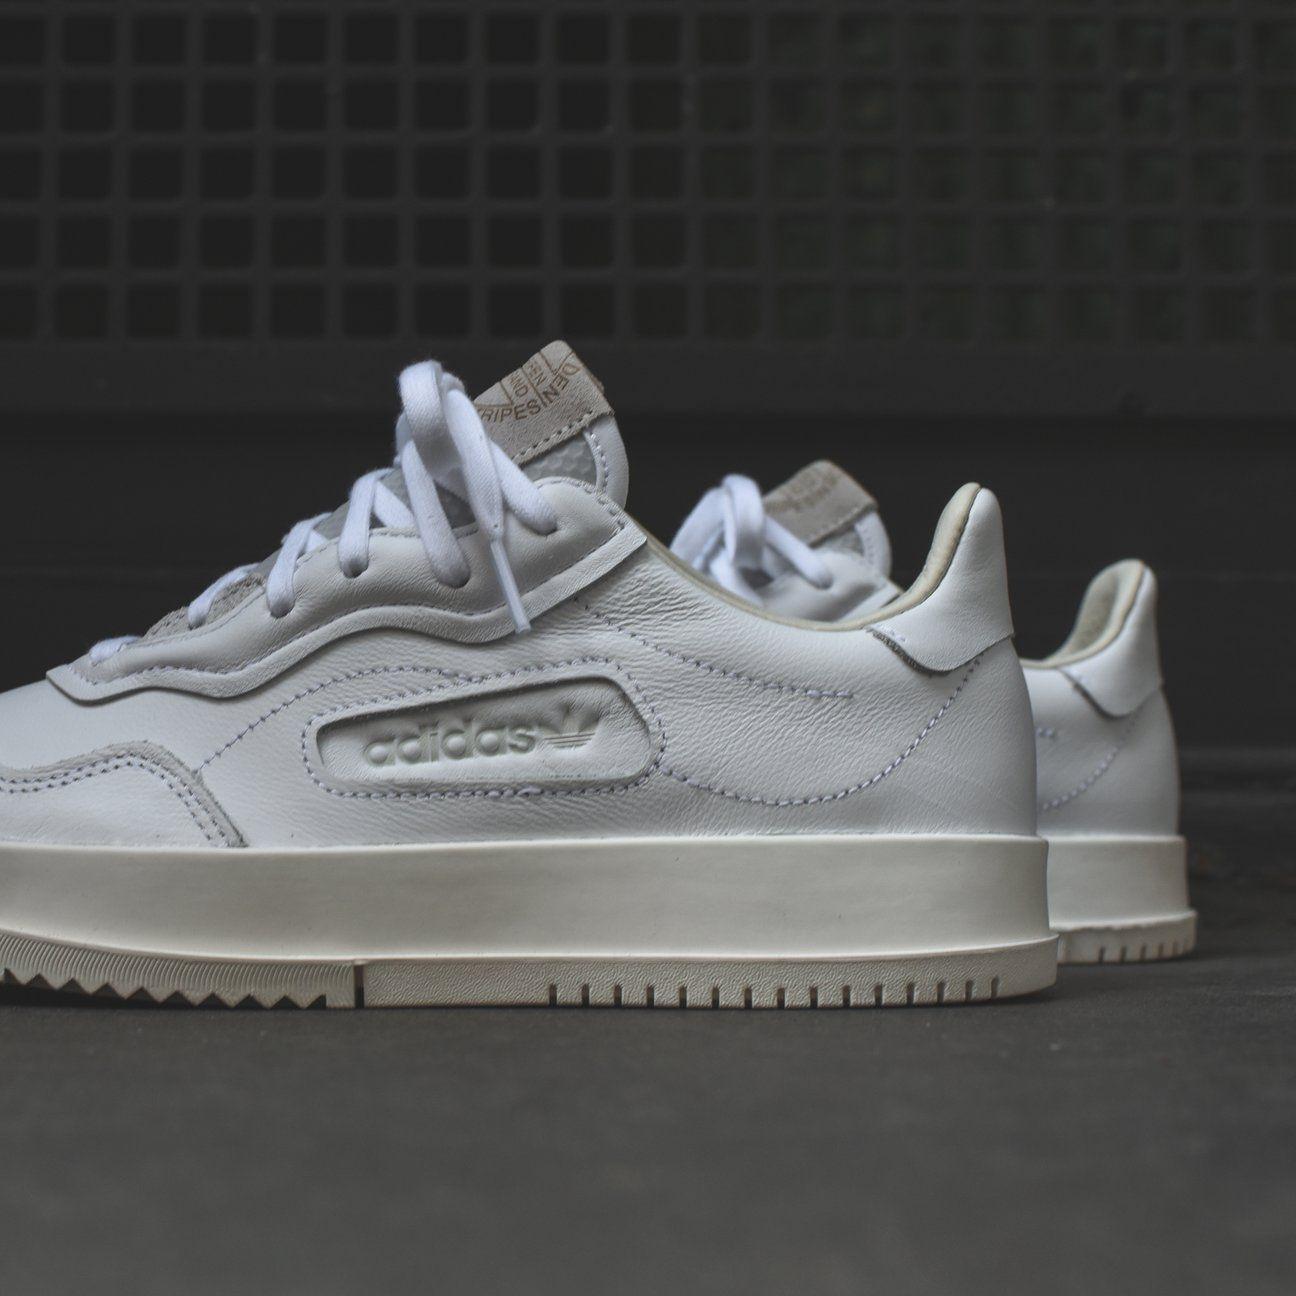 Chalk white, Adidas originals, White chalk